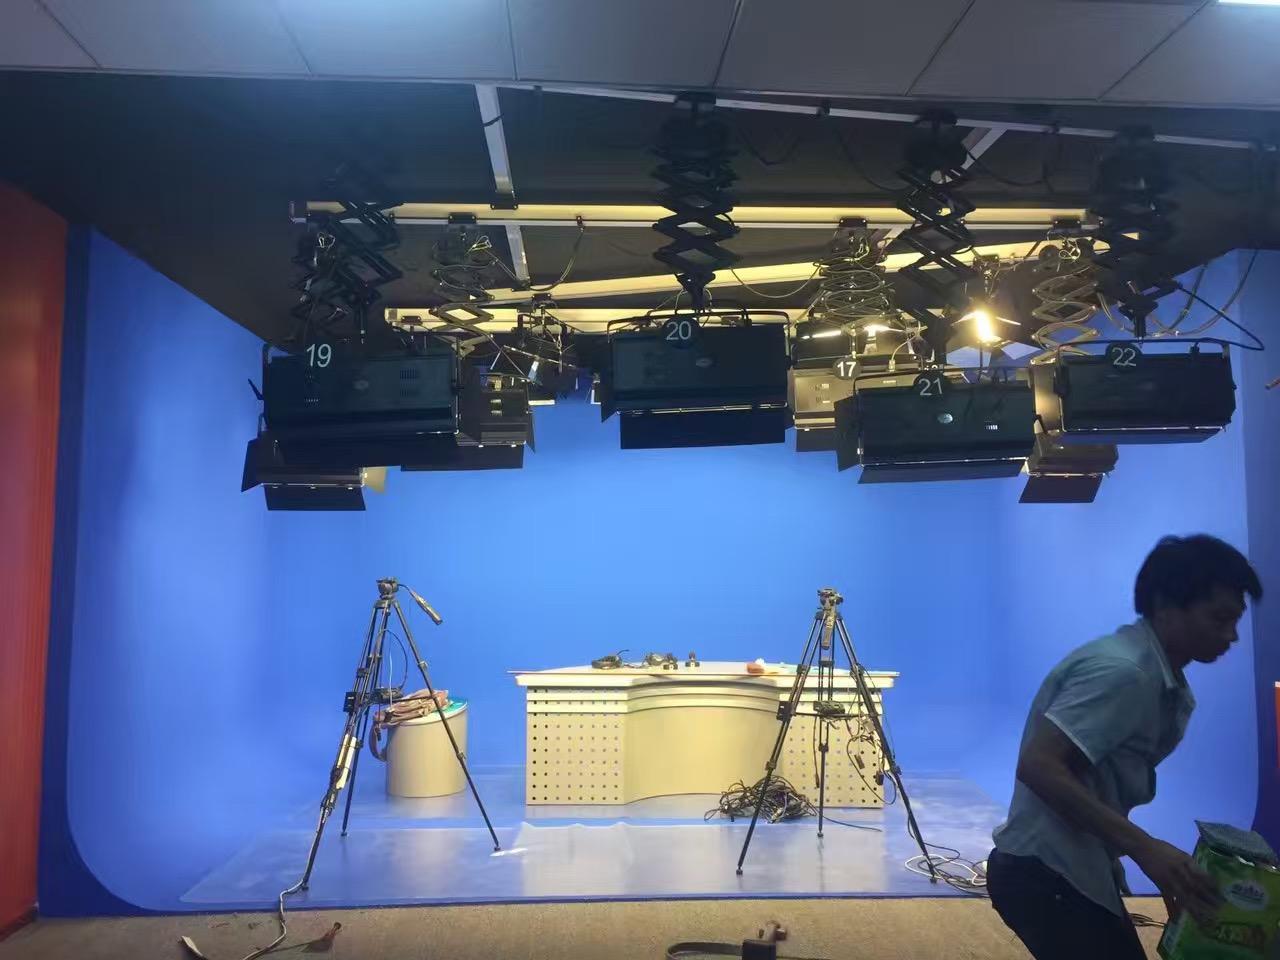 演播室虚拟系统 绿箱蓝箱抠像 网络直播系统